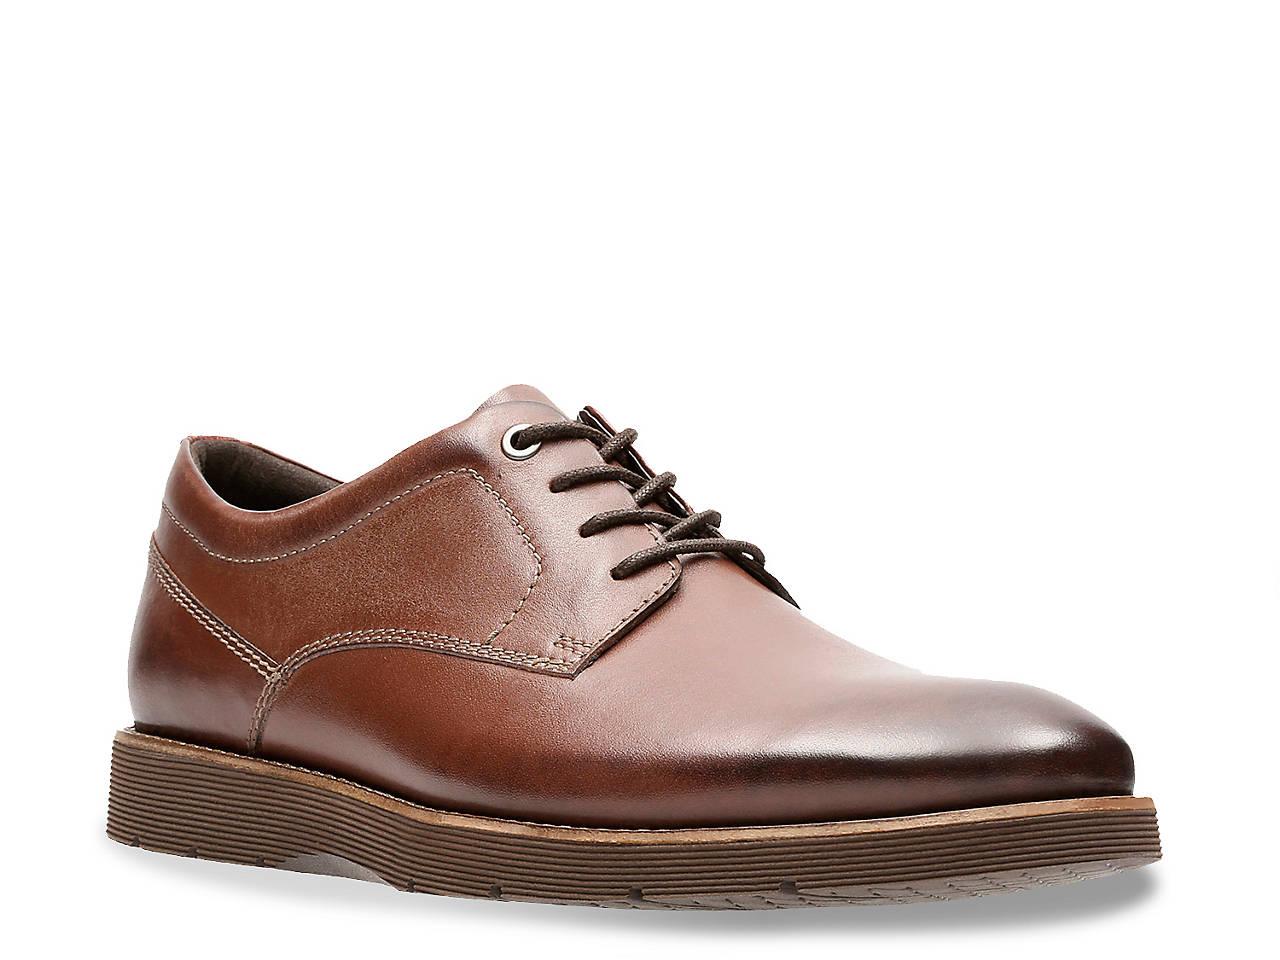 Folcroft Men's Clarks Dsw Oxford Shoes SOxgWqd